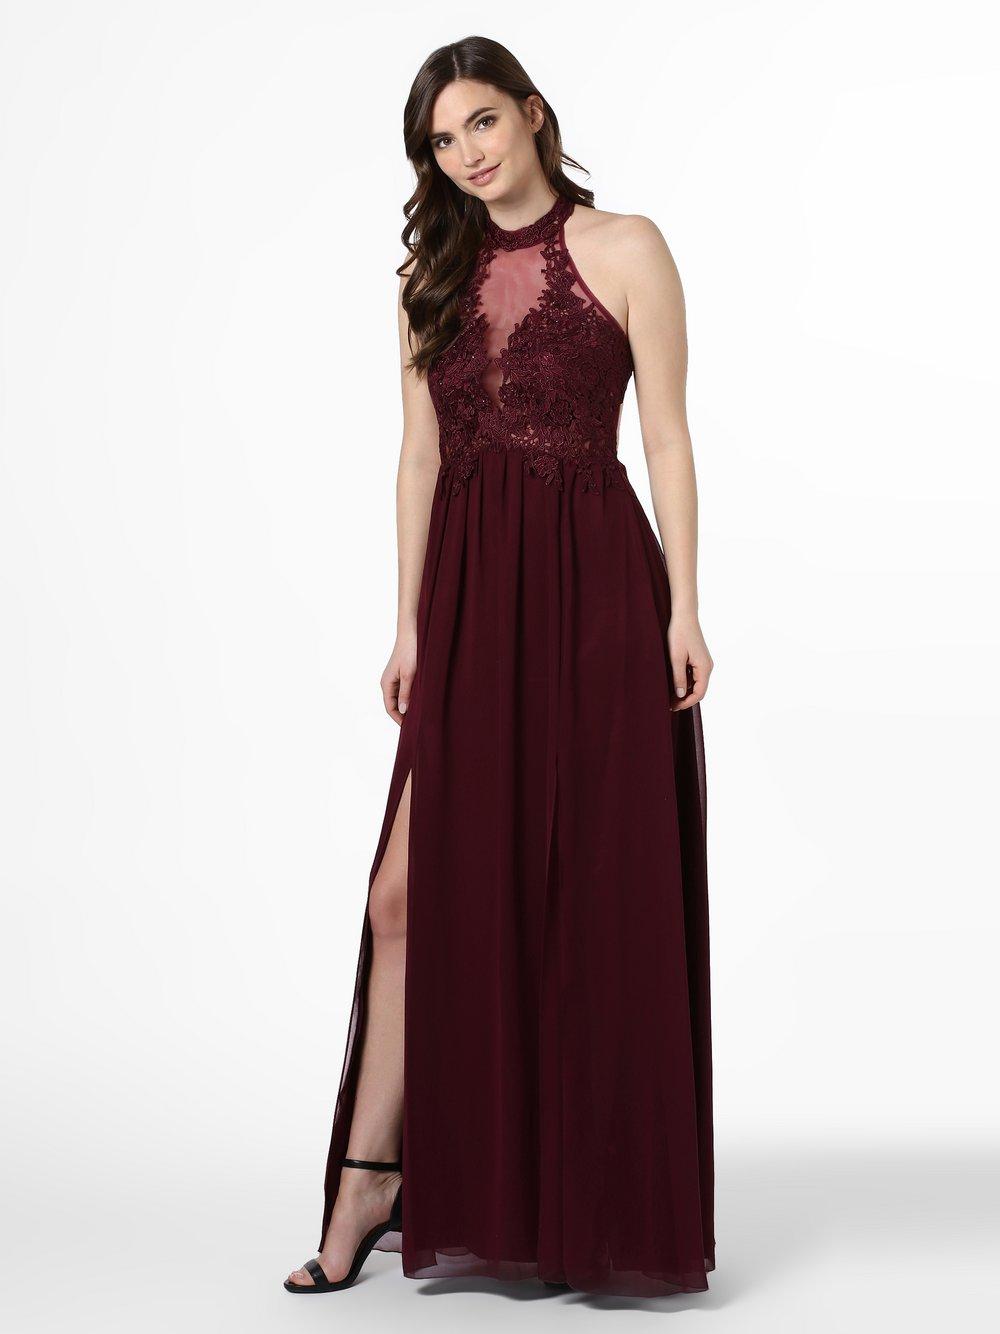 Suddenly Princess - Damska sukienka wieczorowa, czerwony